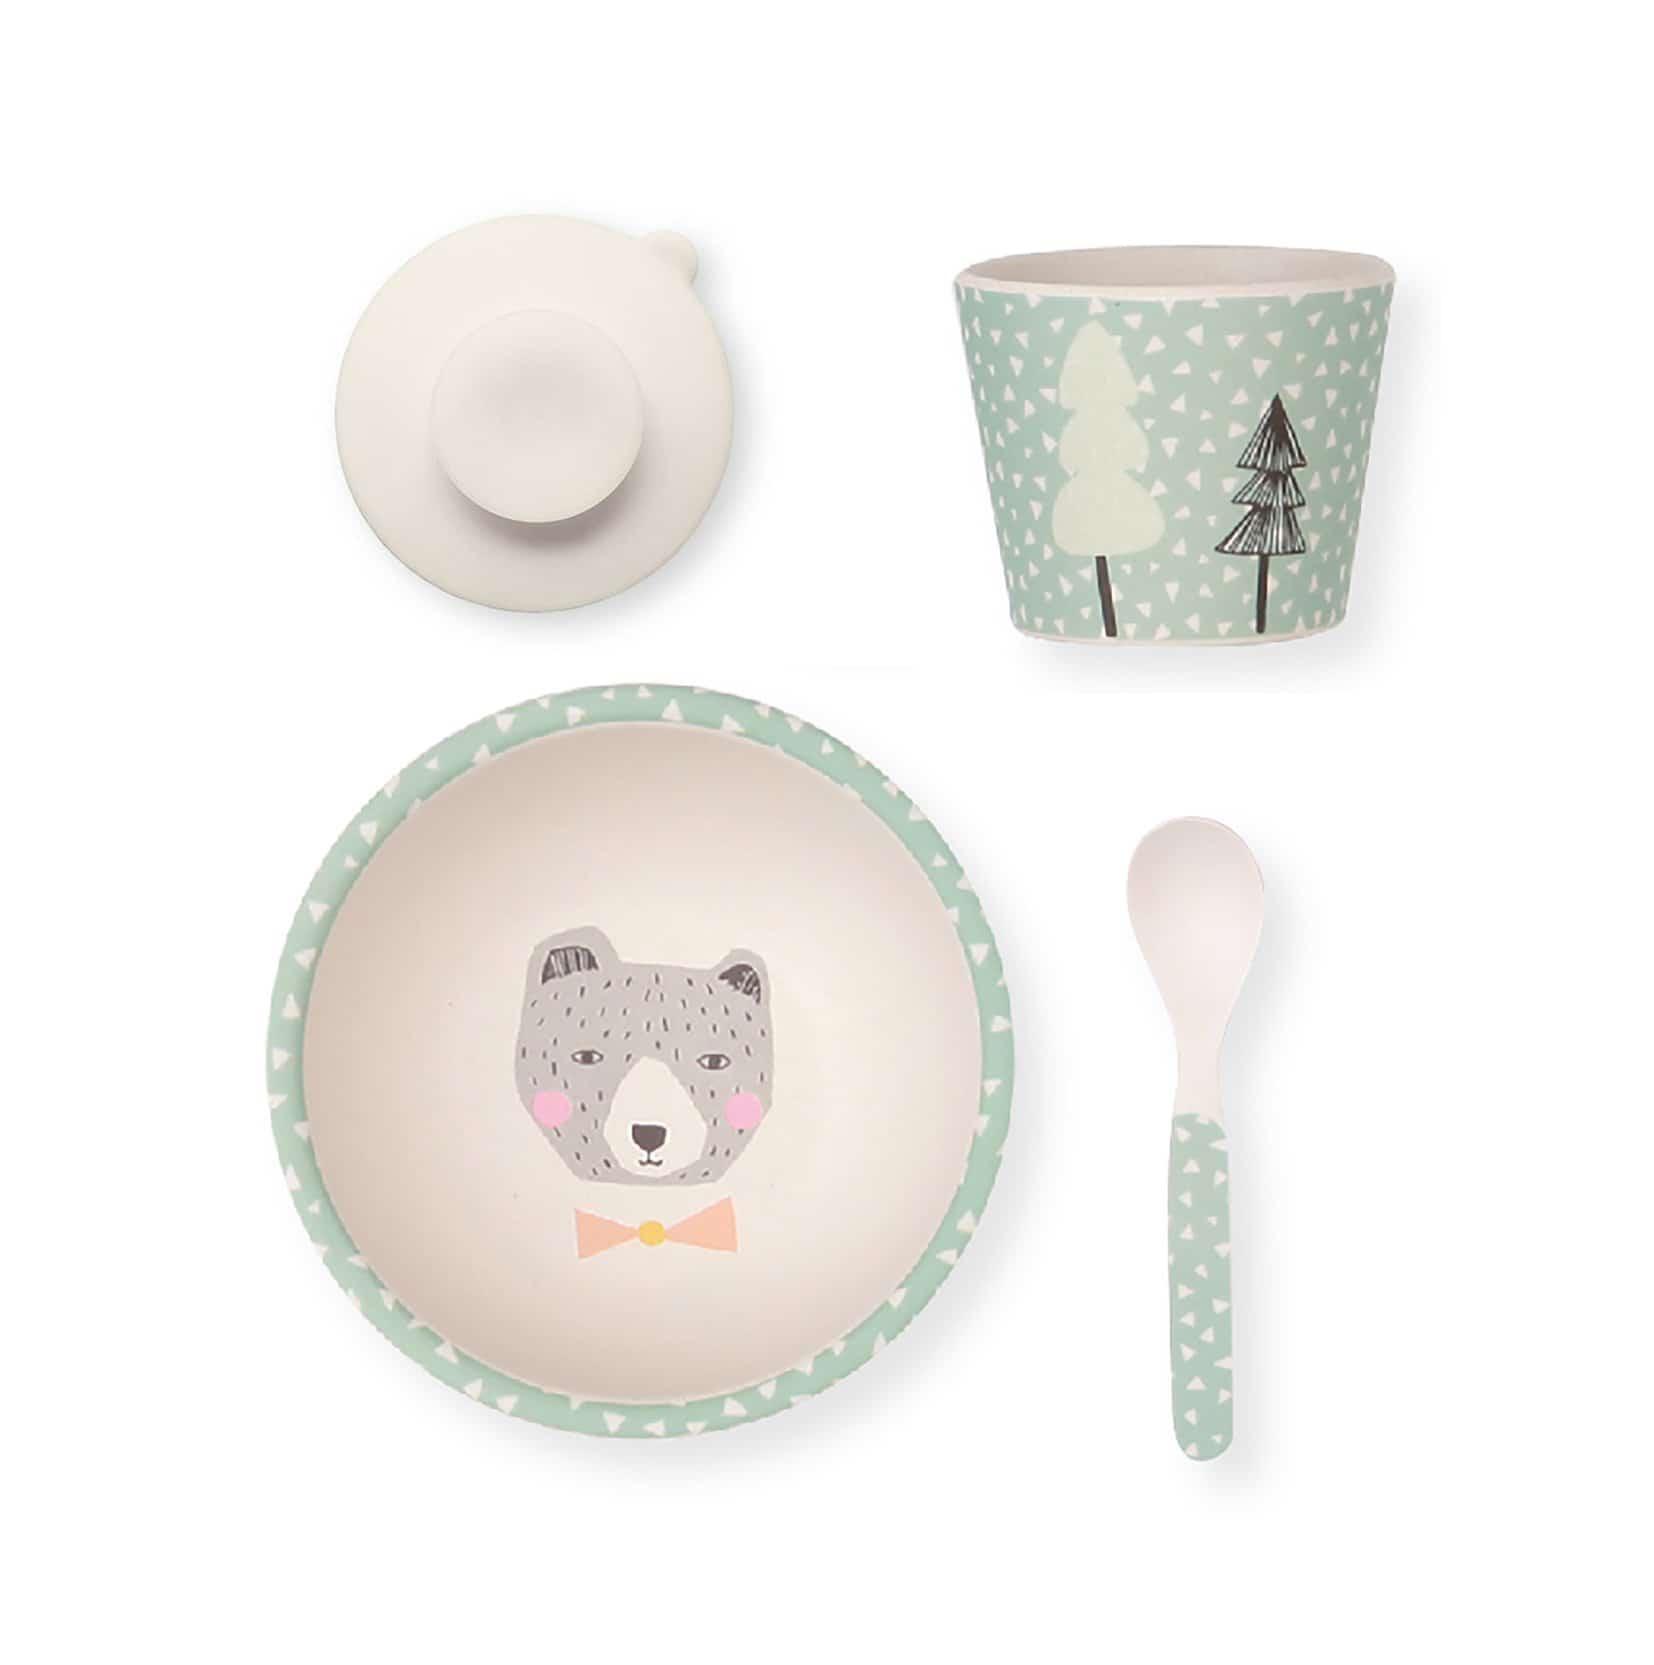 Coffret repas pour bébé : quelle matière privilégier dans ce type de vaisselle ?